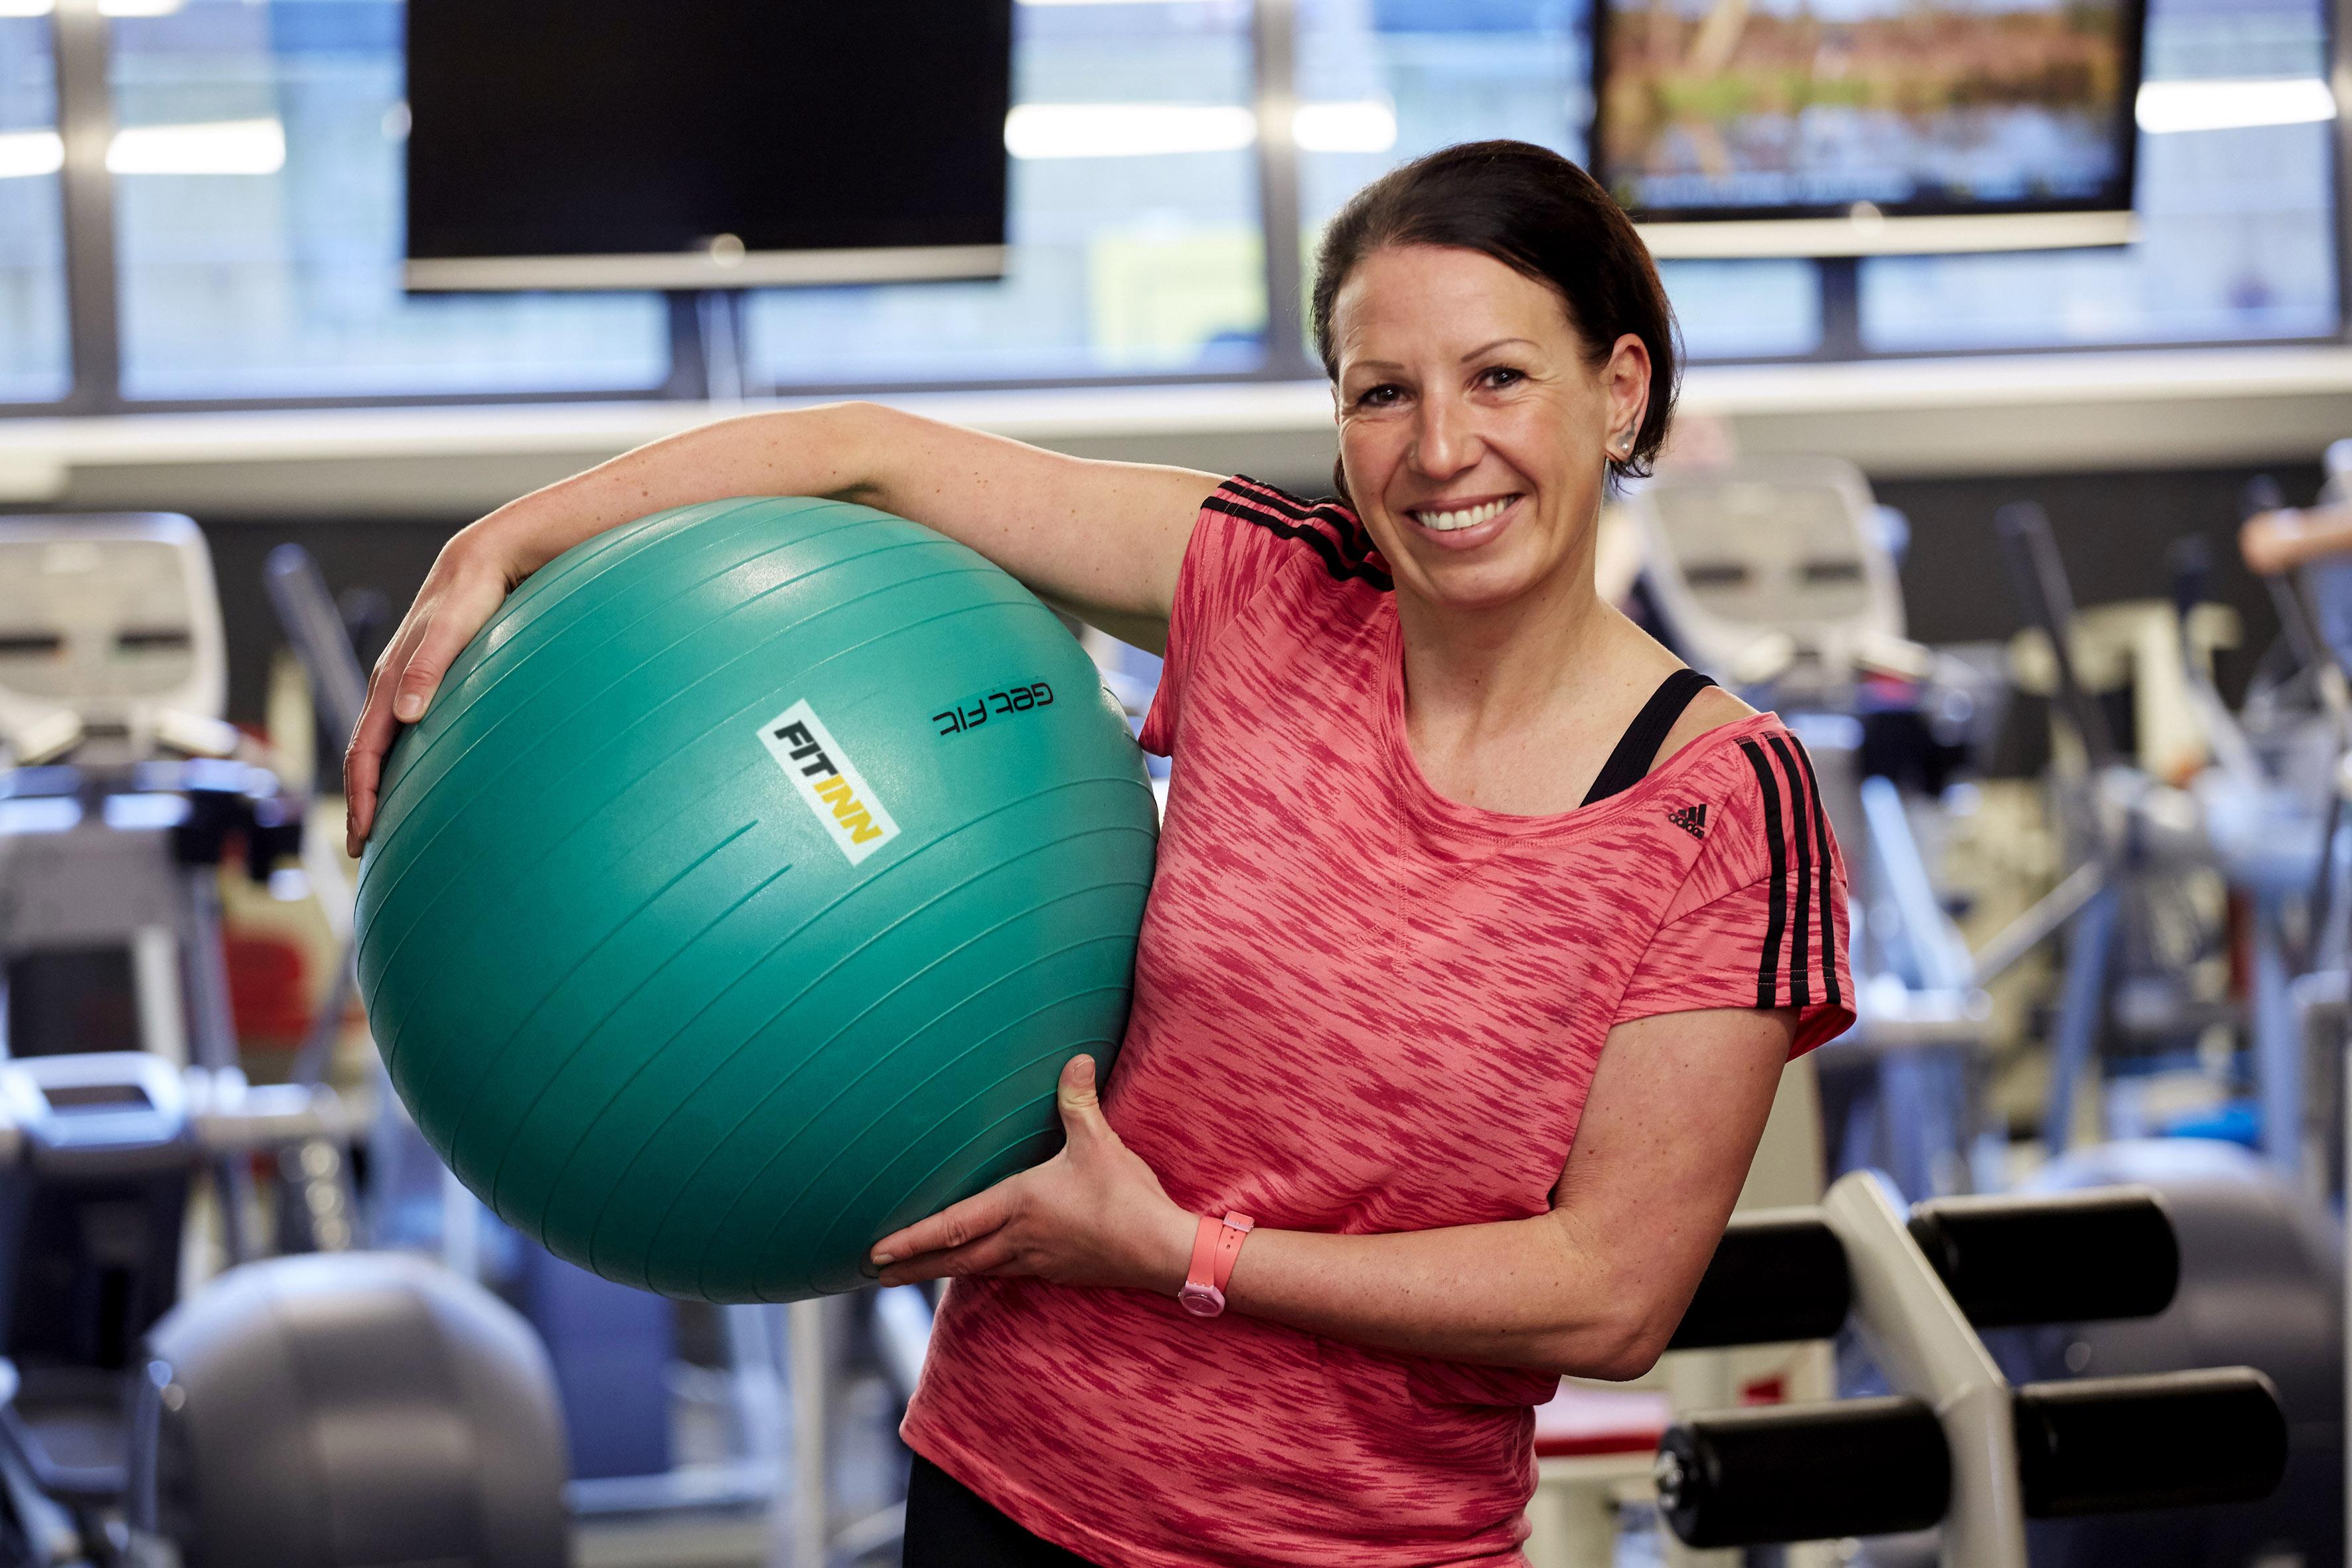 Am Ball bleiben tut der Gesundheit gut!